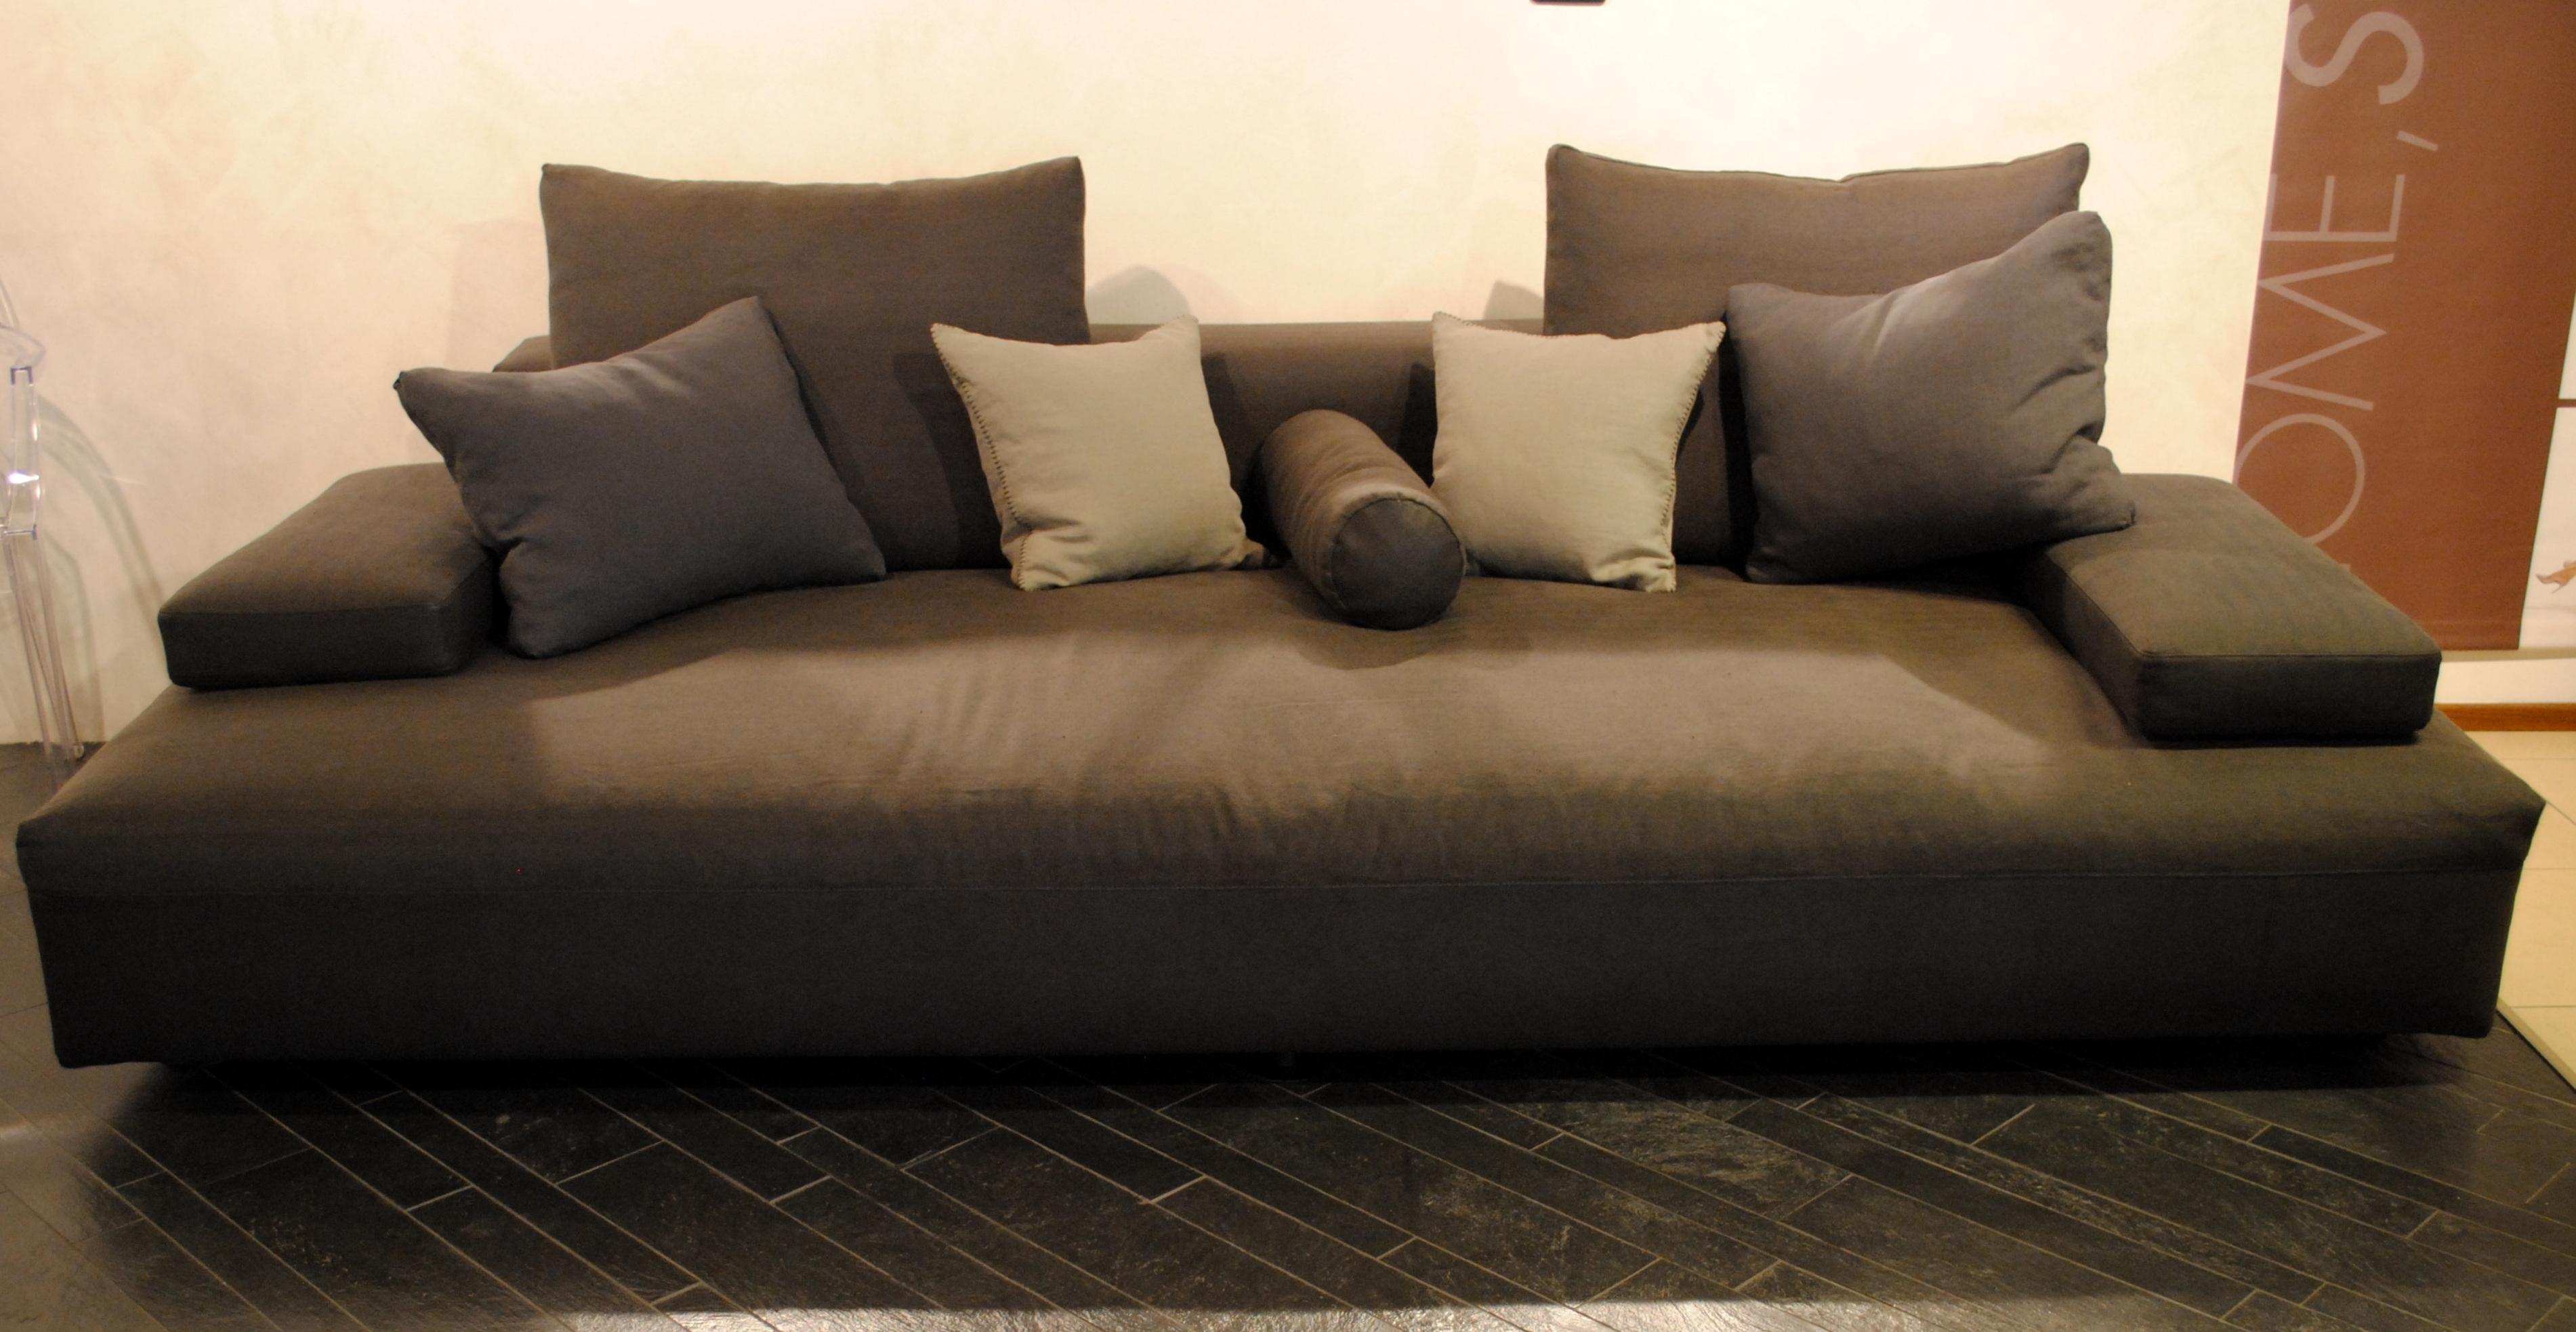 Divano desiree 4 posti scontato divani a prezzi scontati for Outlet arredamento divani